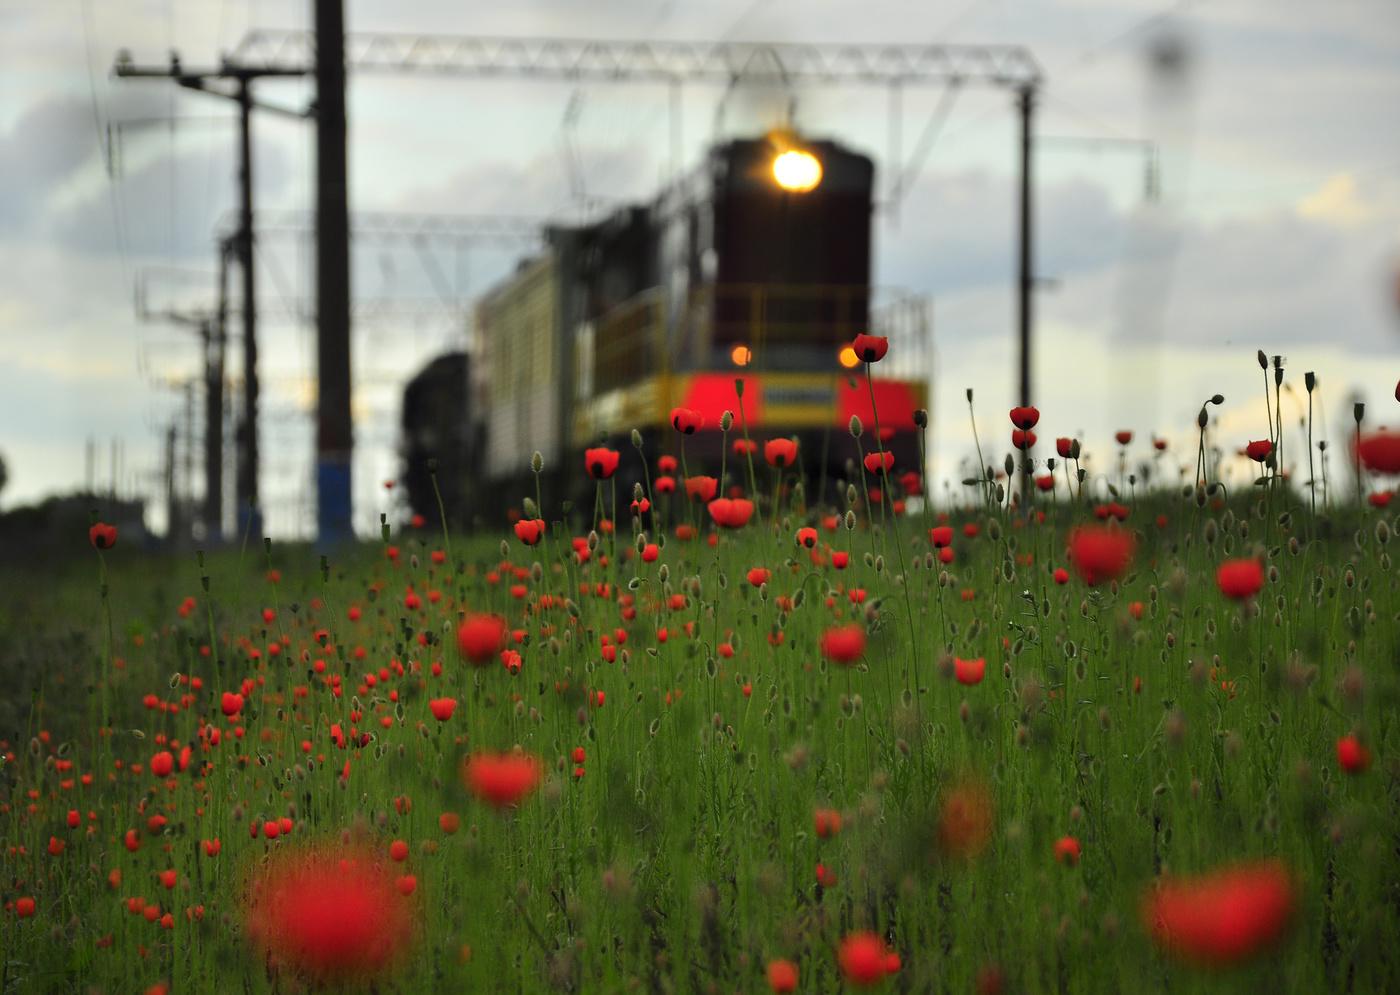 поезд весной в картинках для сделать этого